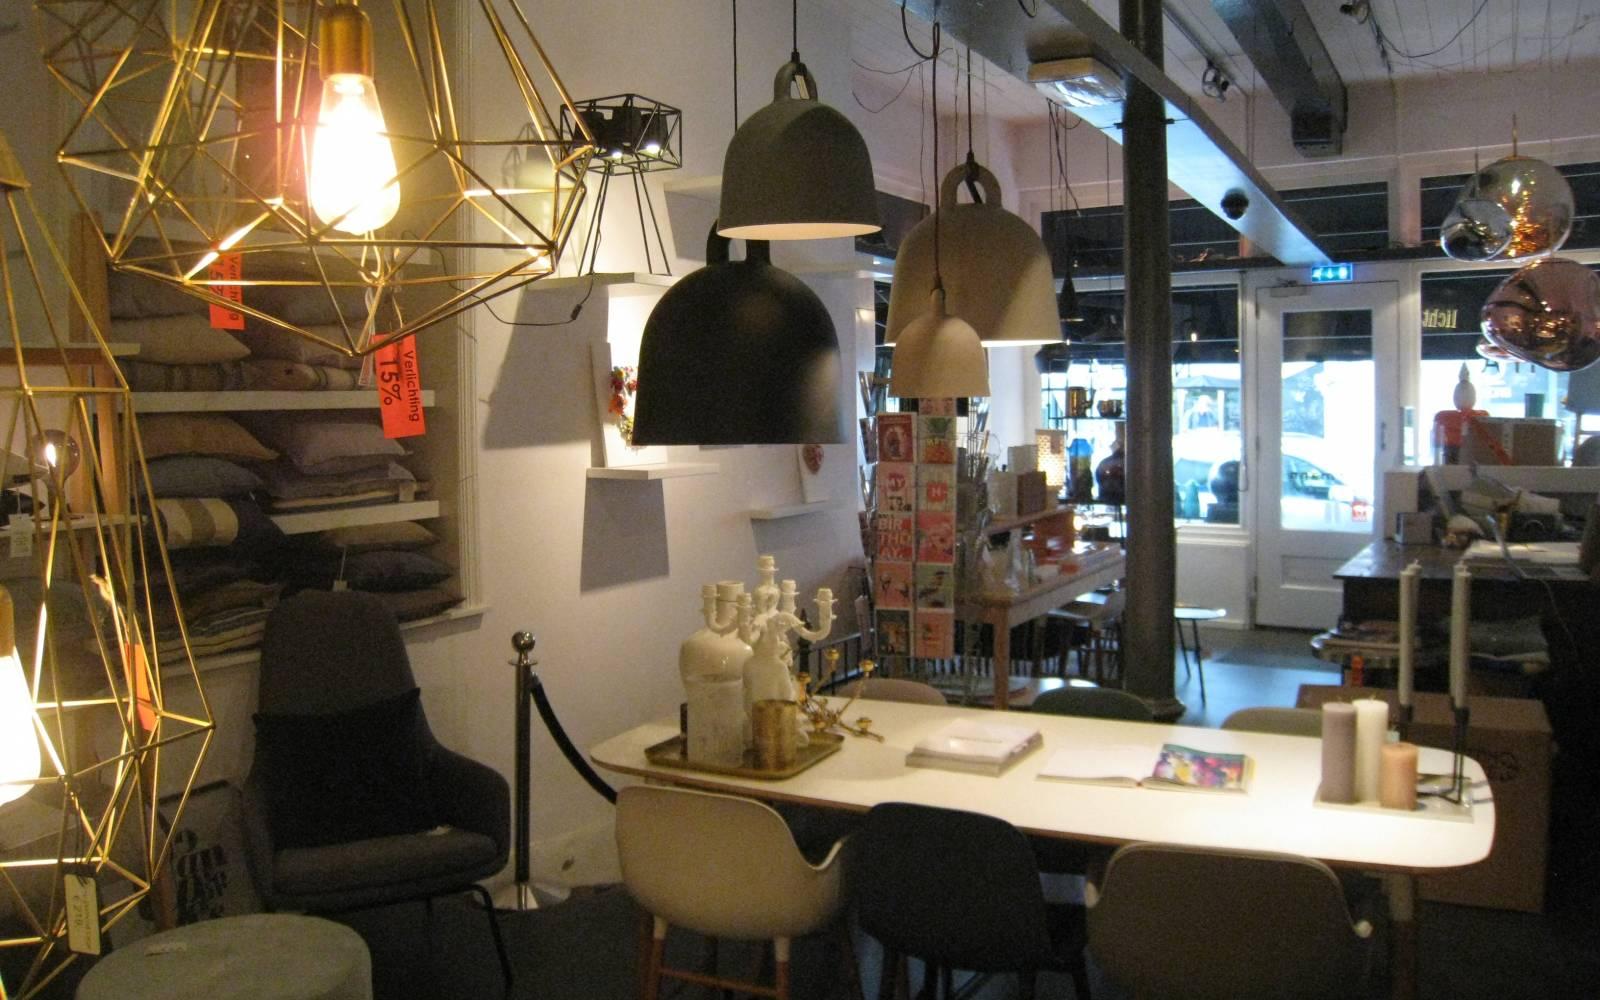 Verlichting Winkel Utrecht. Excellent Lamp Norm Medium With ...